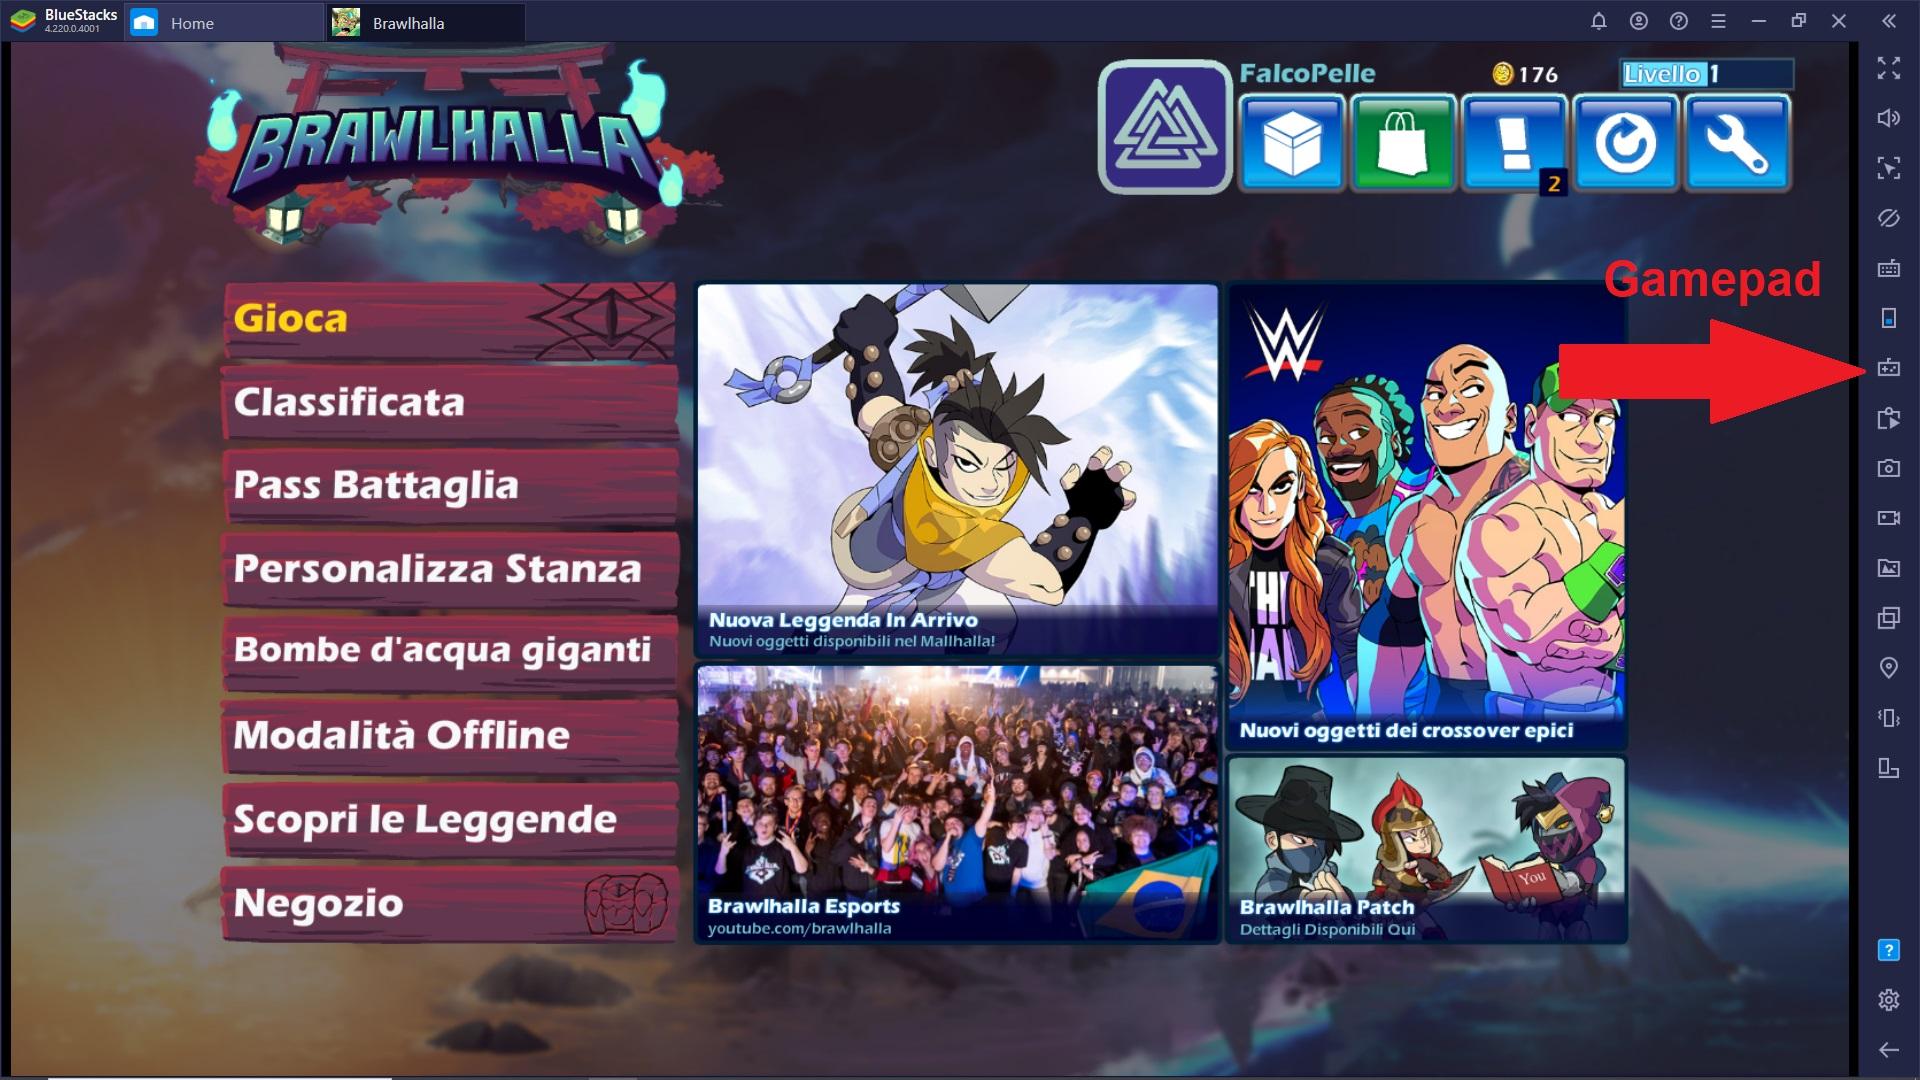 Brawlhalla Mobile è finalmente disponibile e puoi giocarlo su PC con Bluestacks